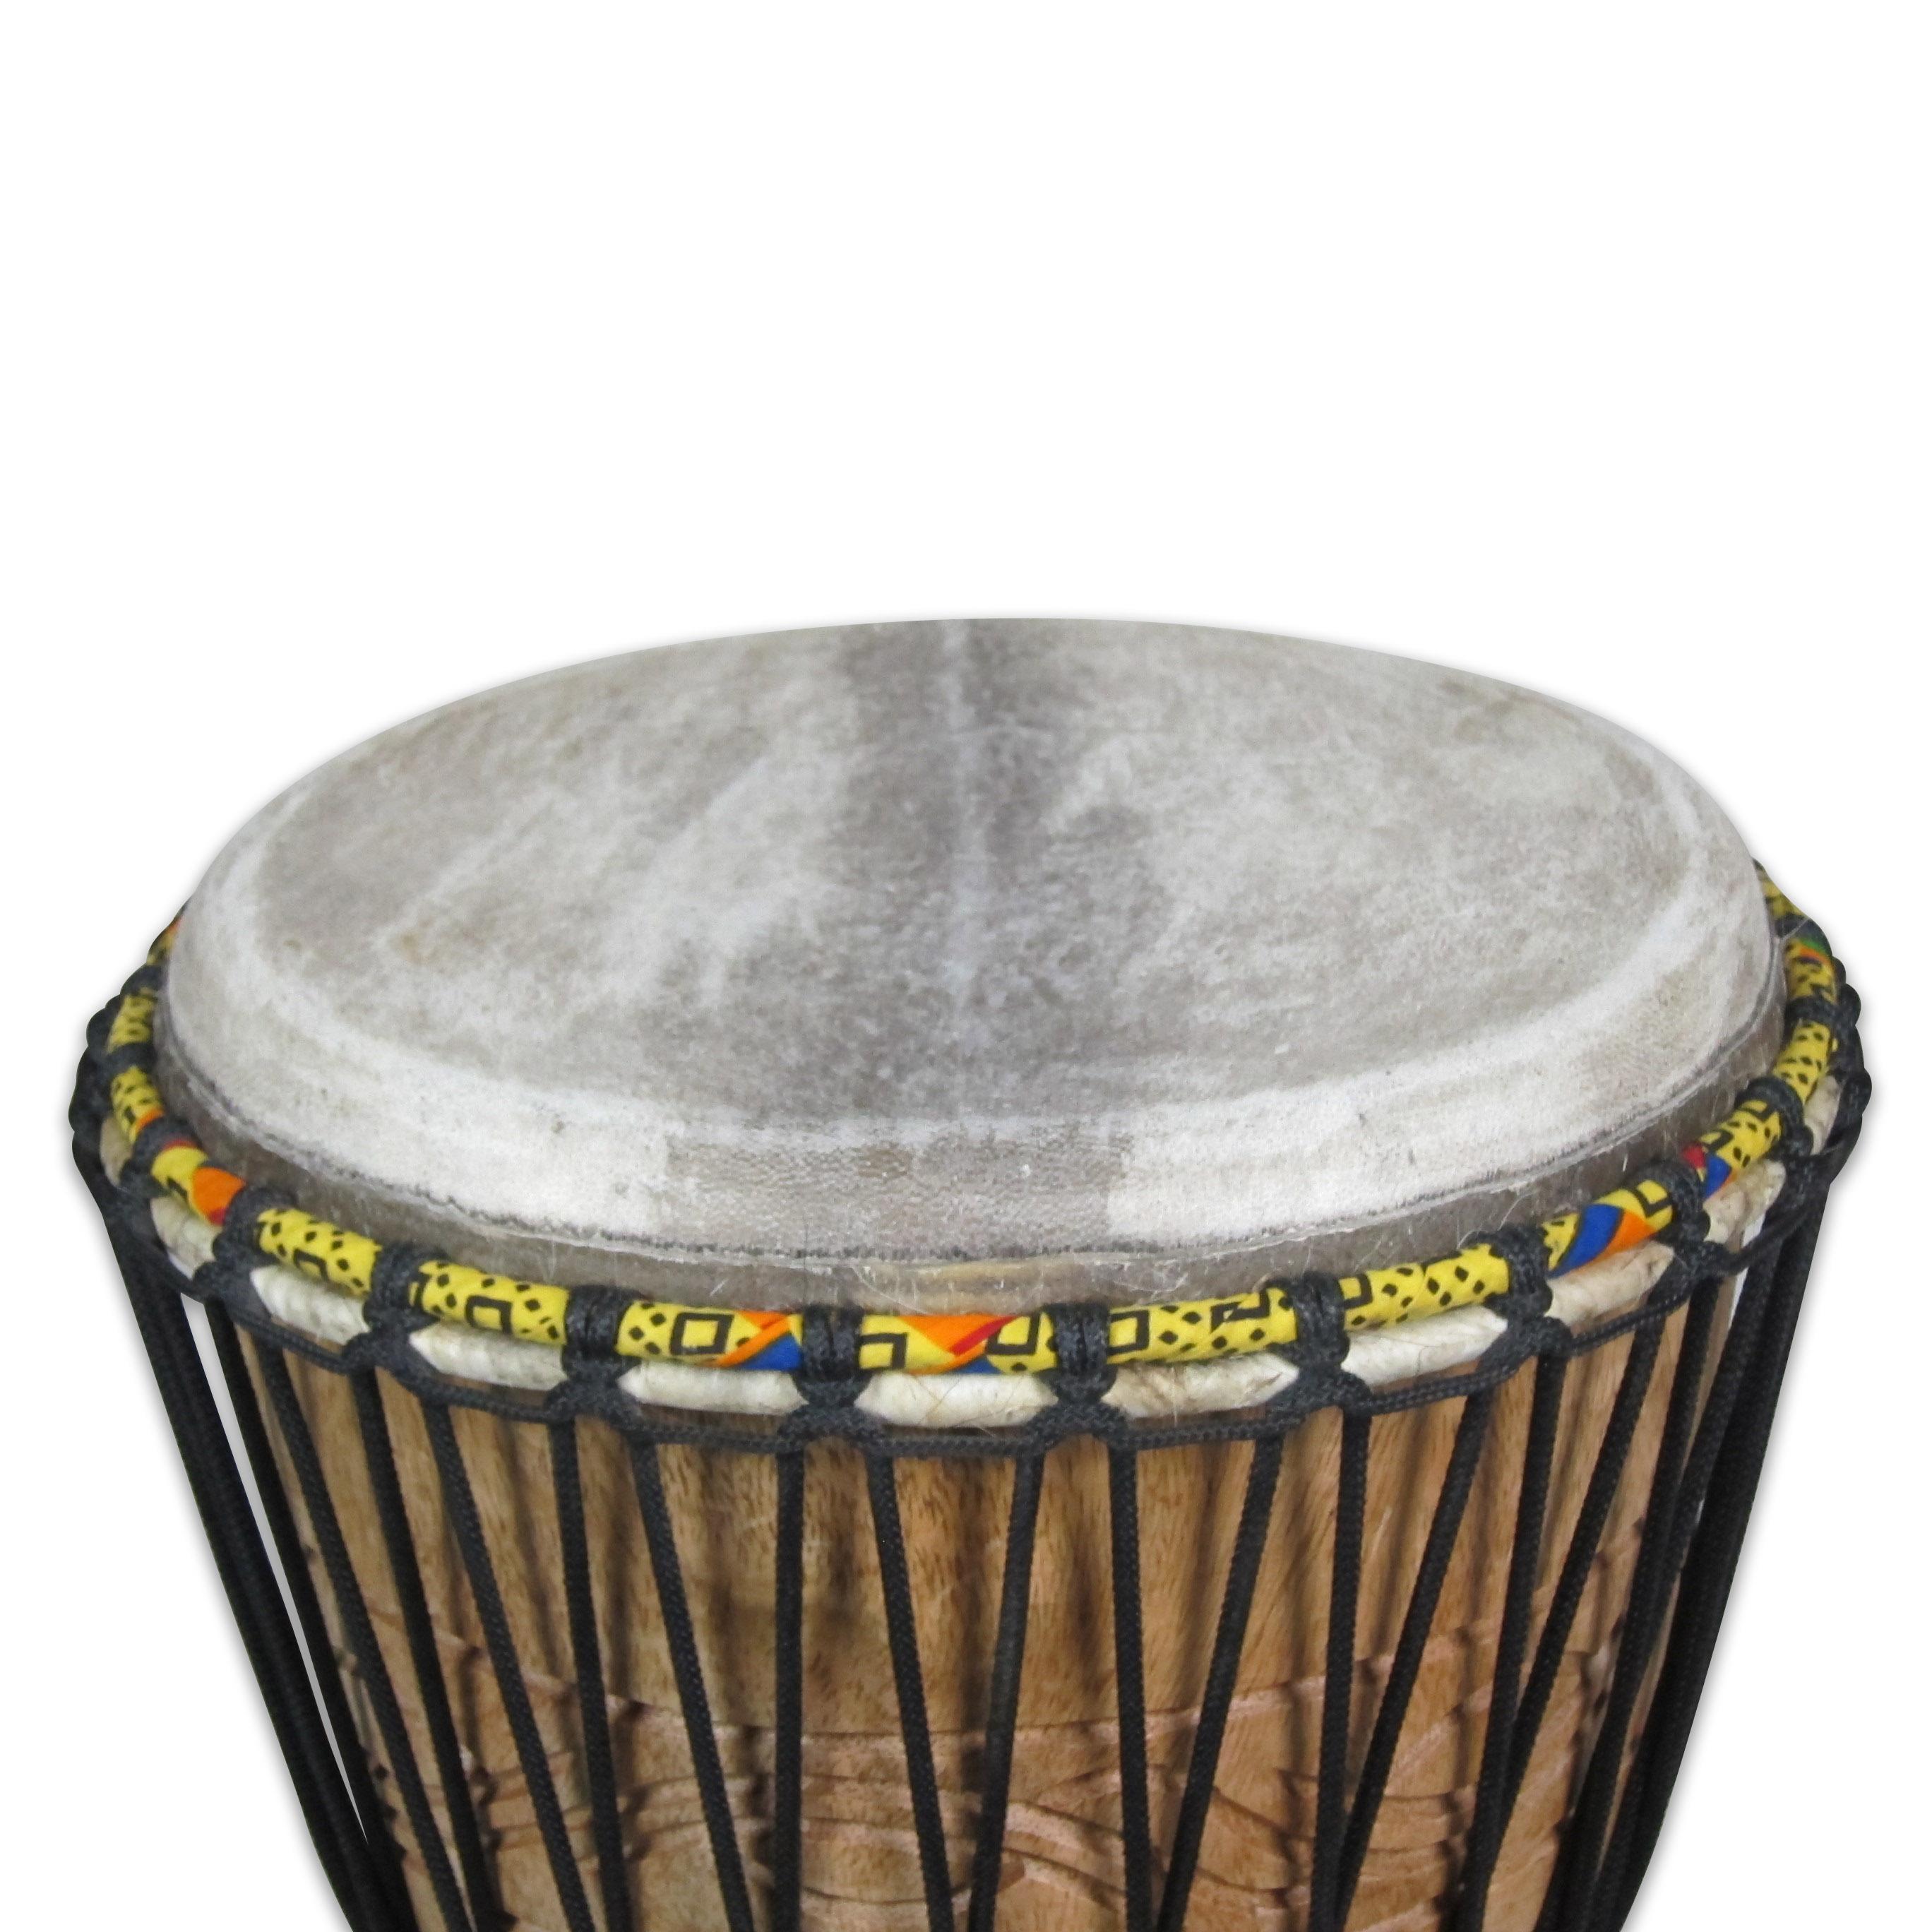 Ghana-0313-12in-64cm-6.2kg-II